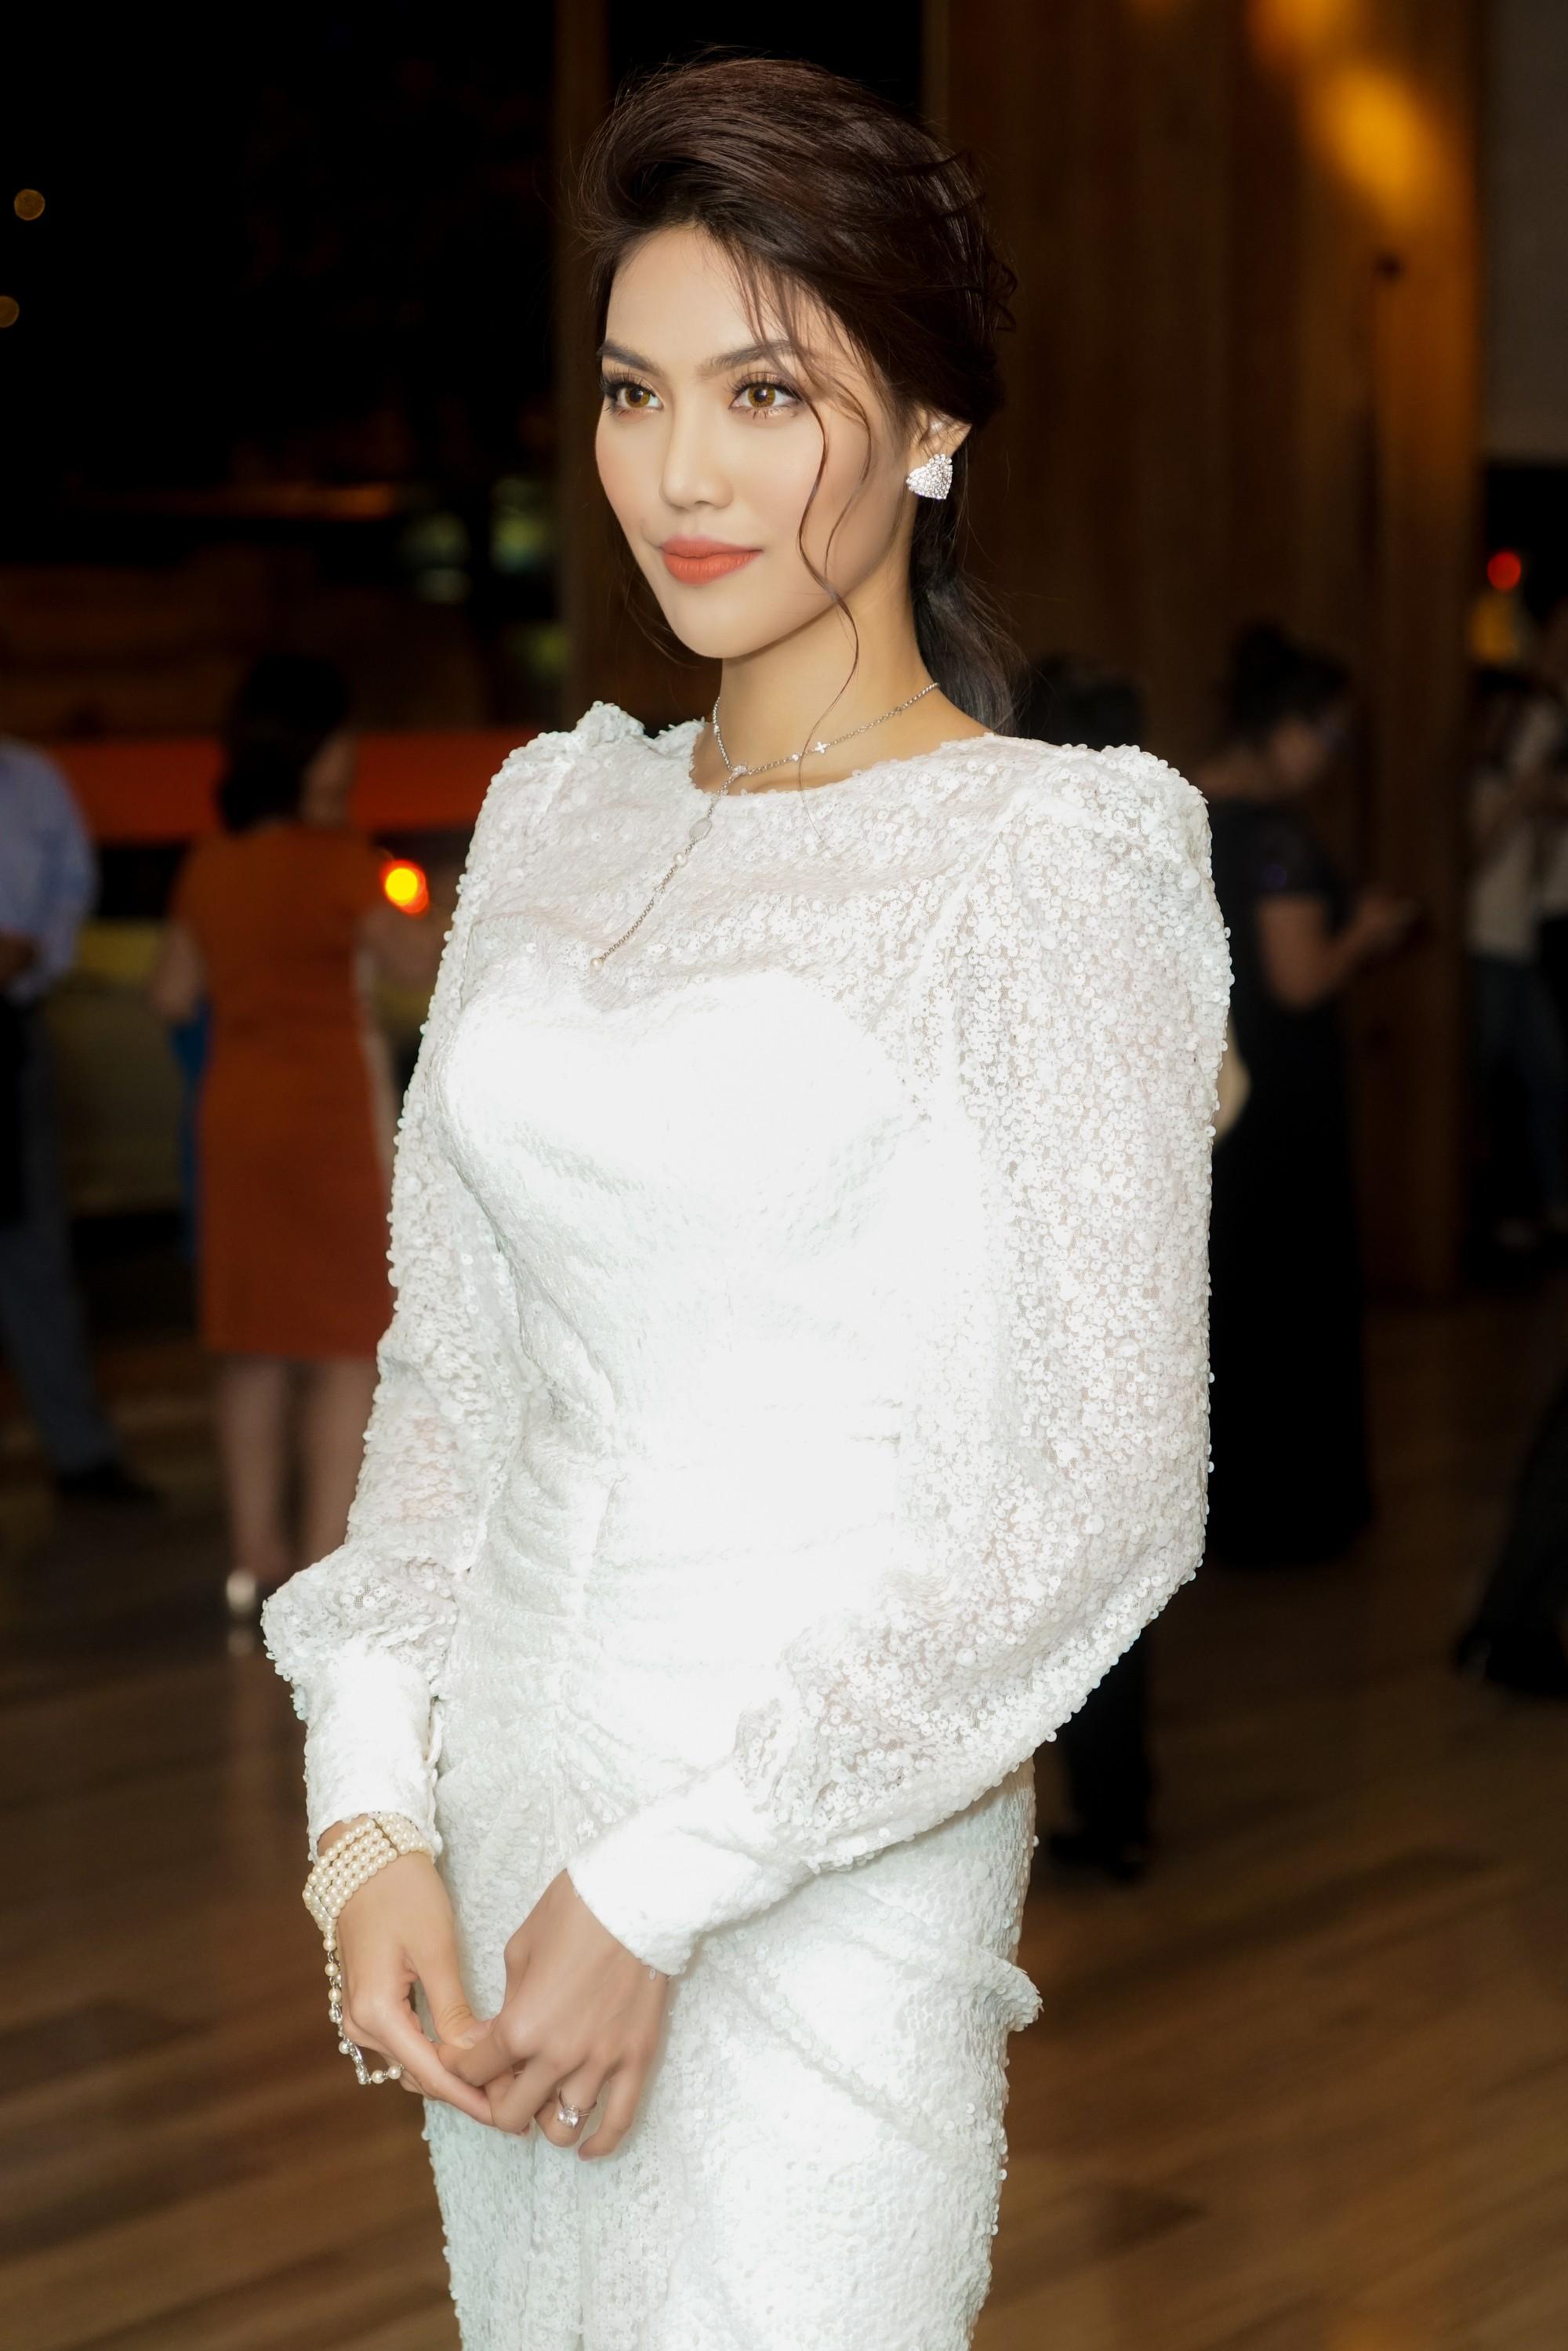 Hương Giang quyến rũ với váy xuyên thấu bó sát, Lan Khuê diện váy trắng tinh khôi như cô dâu tại sự kiện - Ảnh 9.